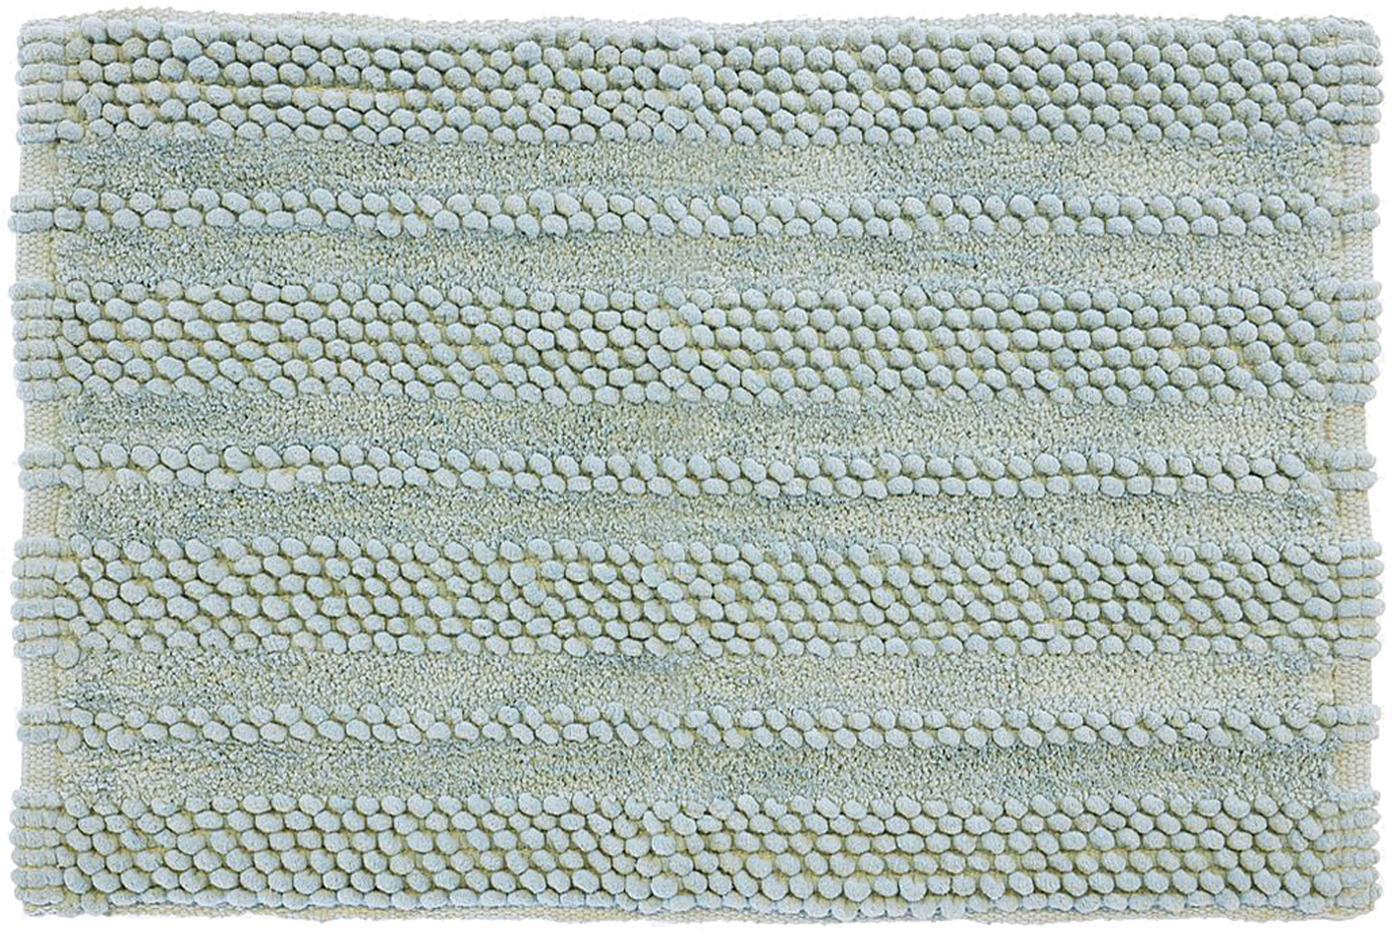 Dywanik łazienkowy z  wysokim stosem Bea, 65% kordonek, 35% bawełna, Zielony miętowy, S 80 x D 120 cm